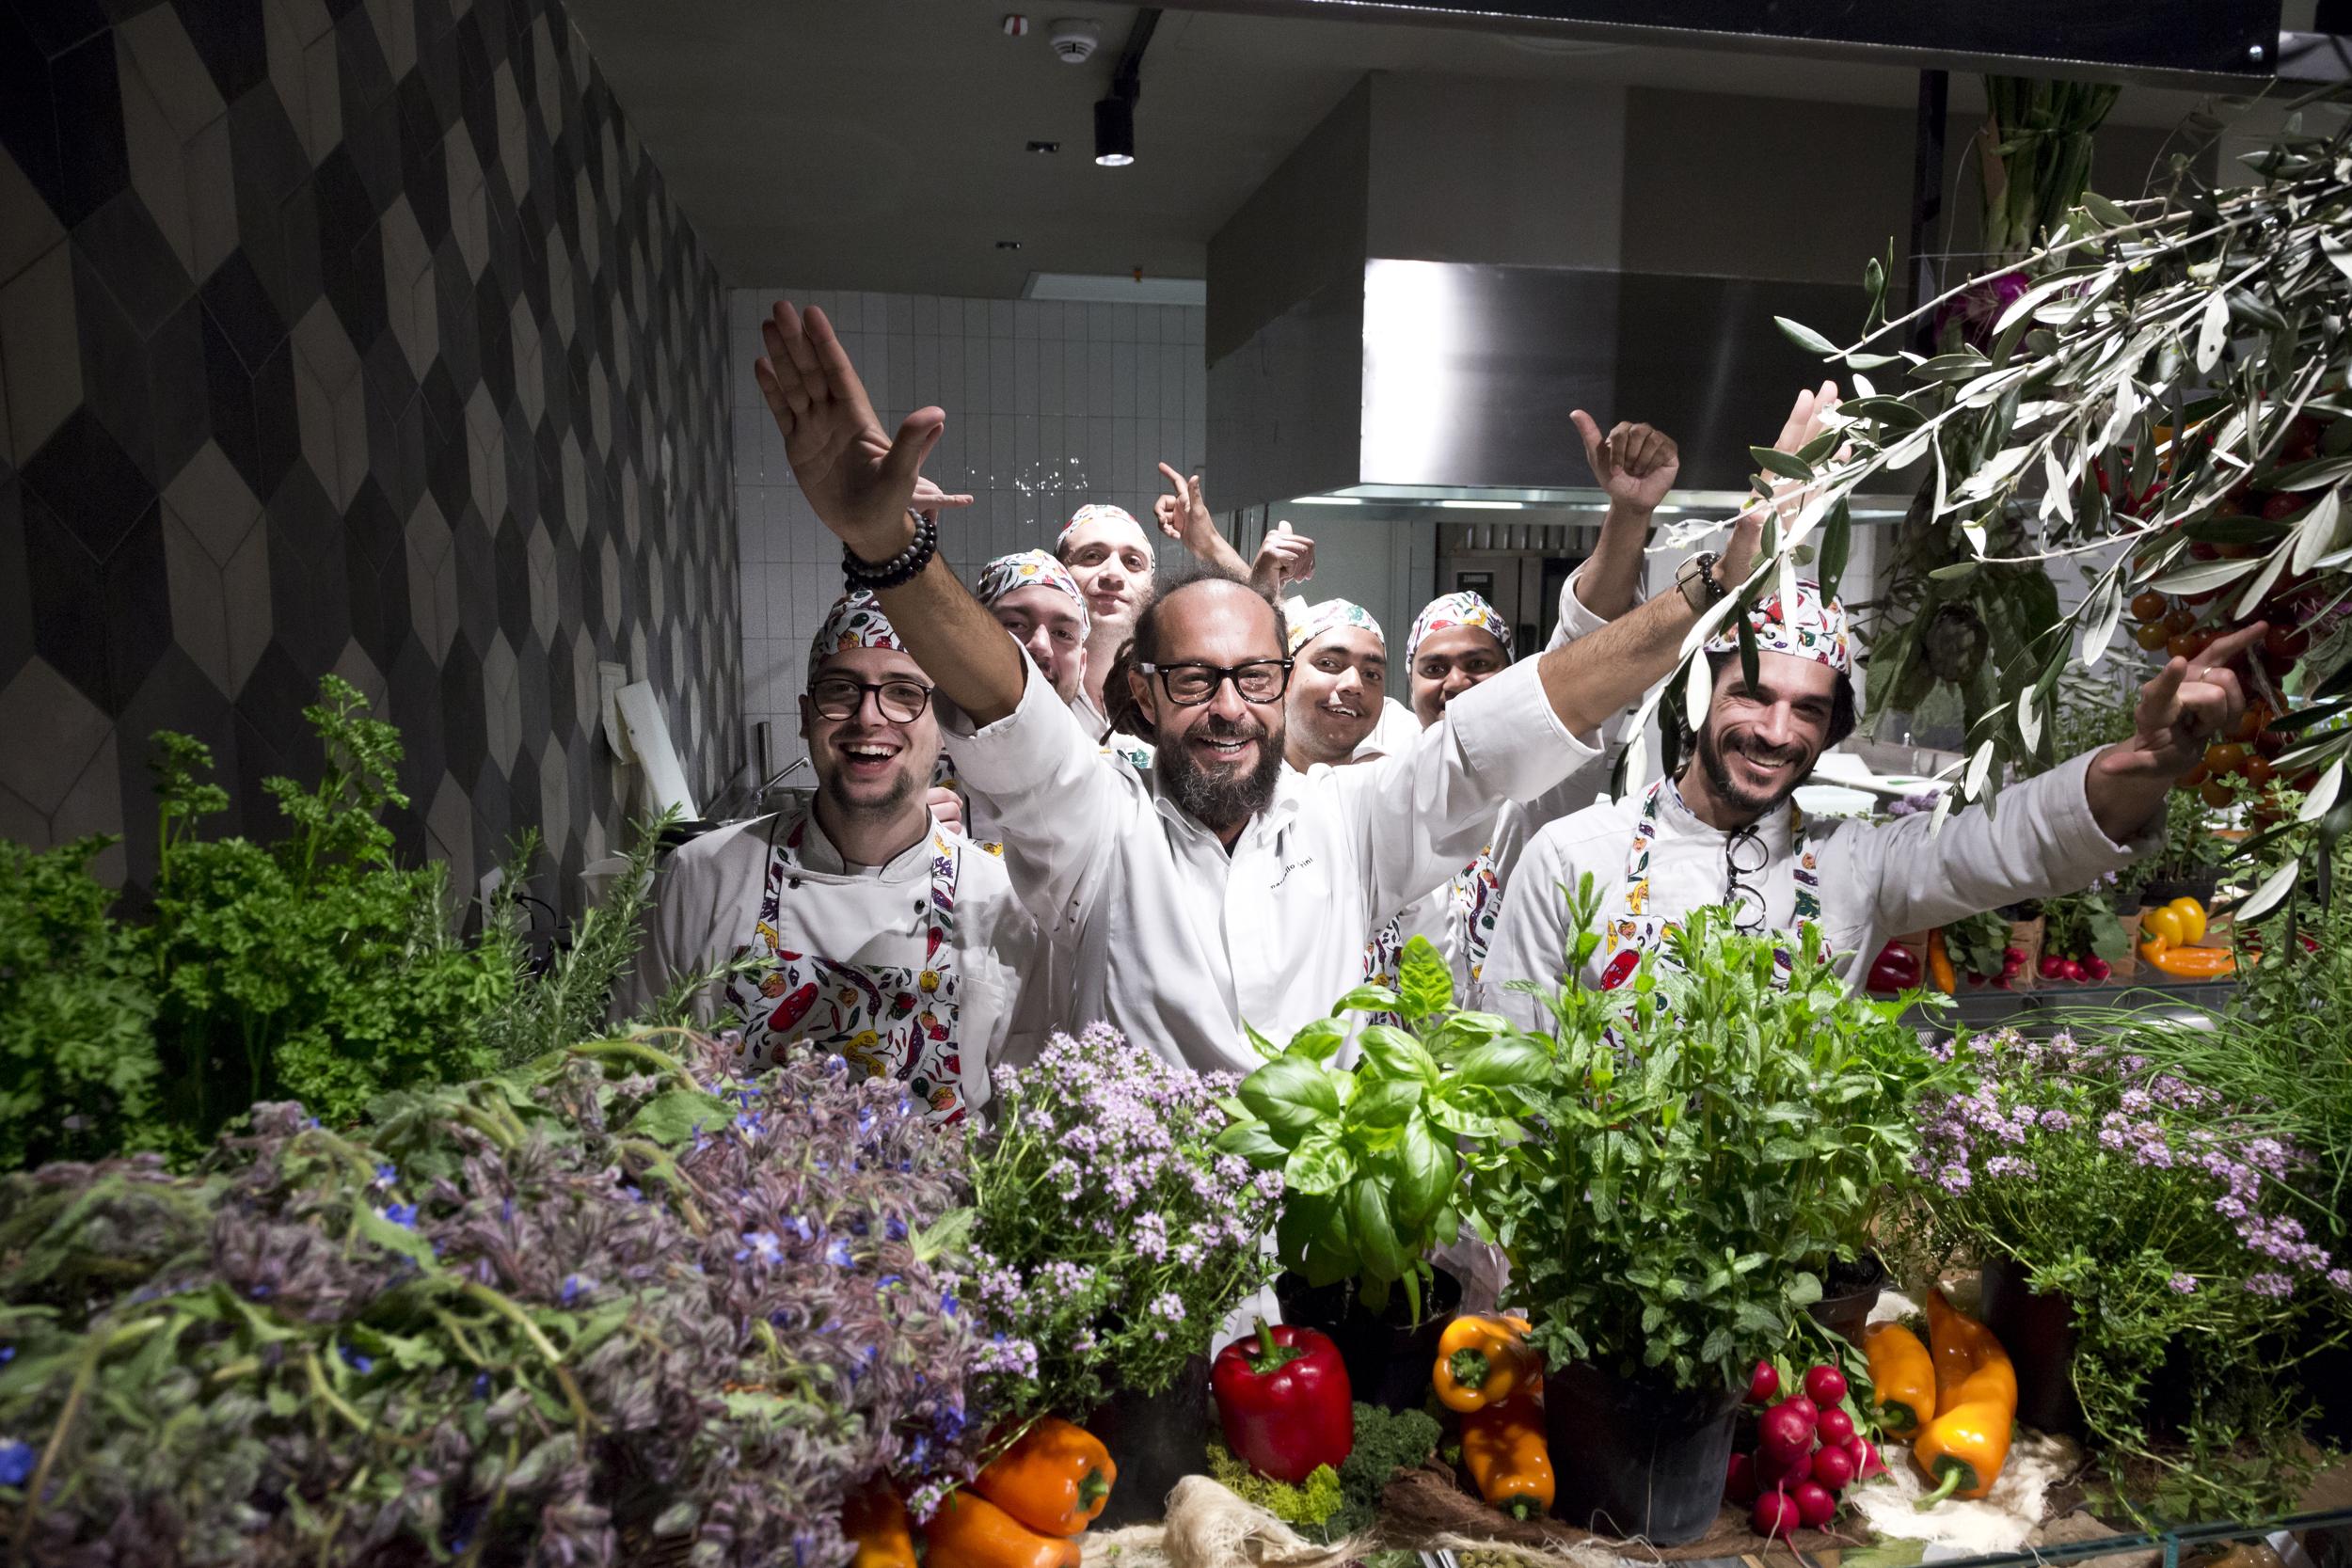 Mercato Centrale Torino | Le verdure - La fata verde - Marcello Trentini